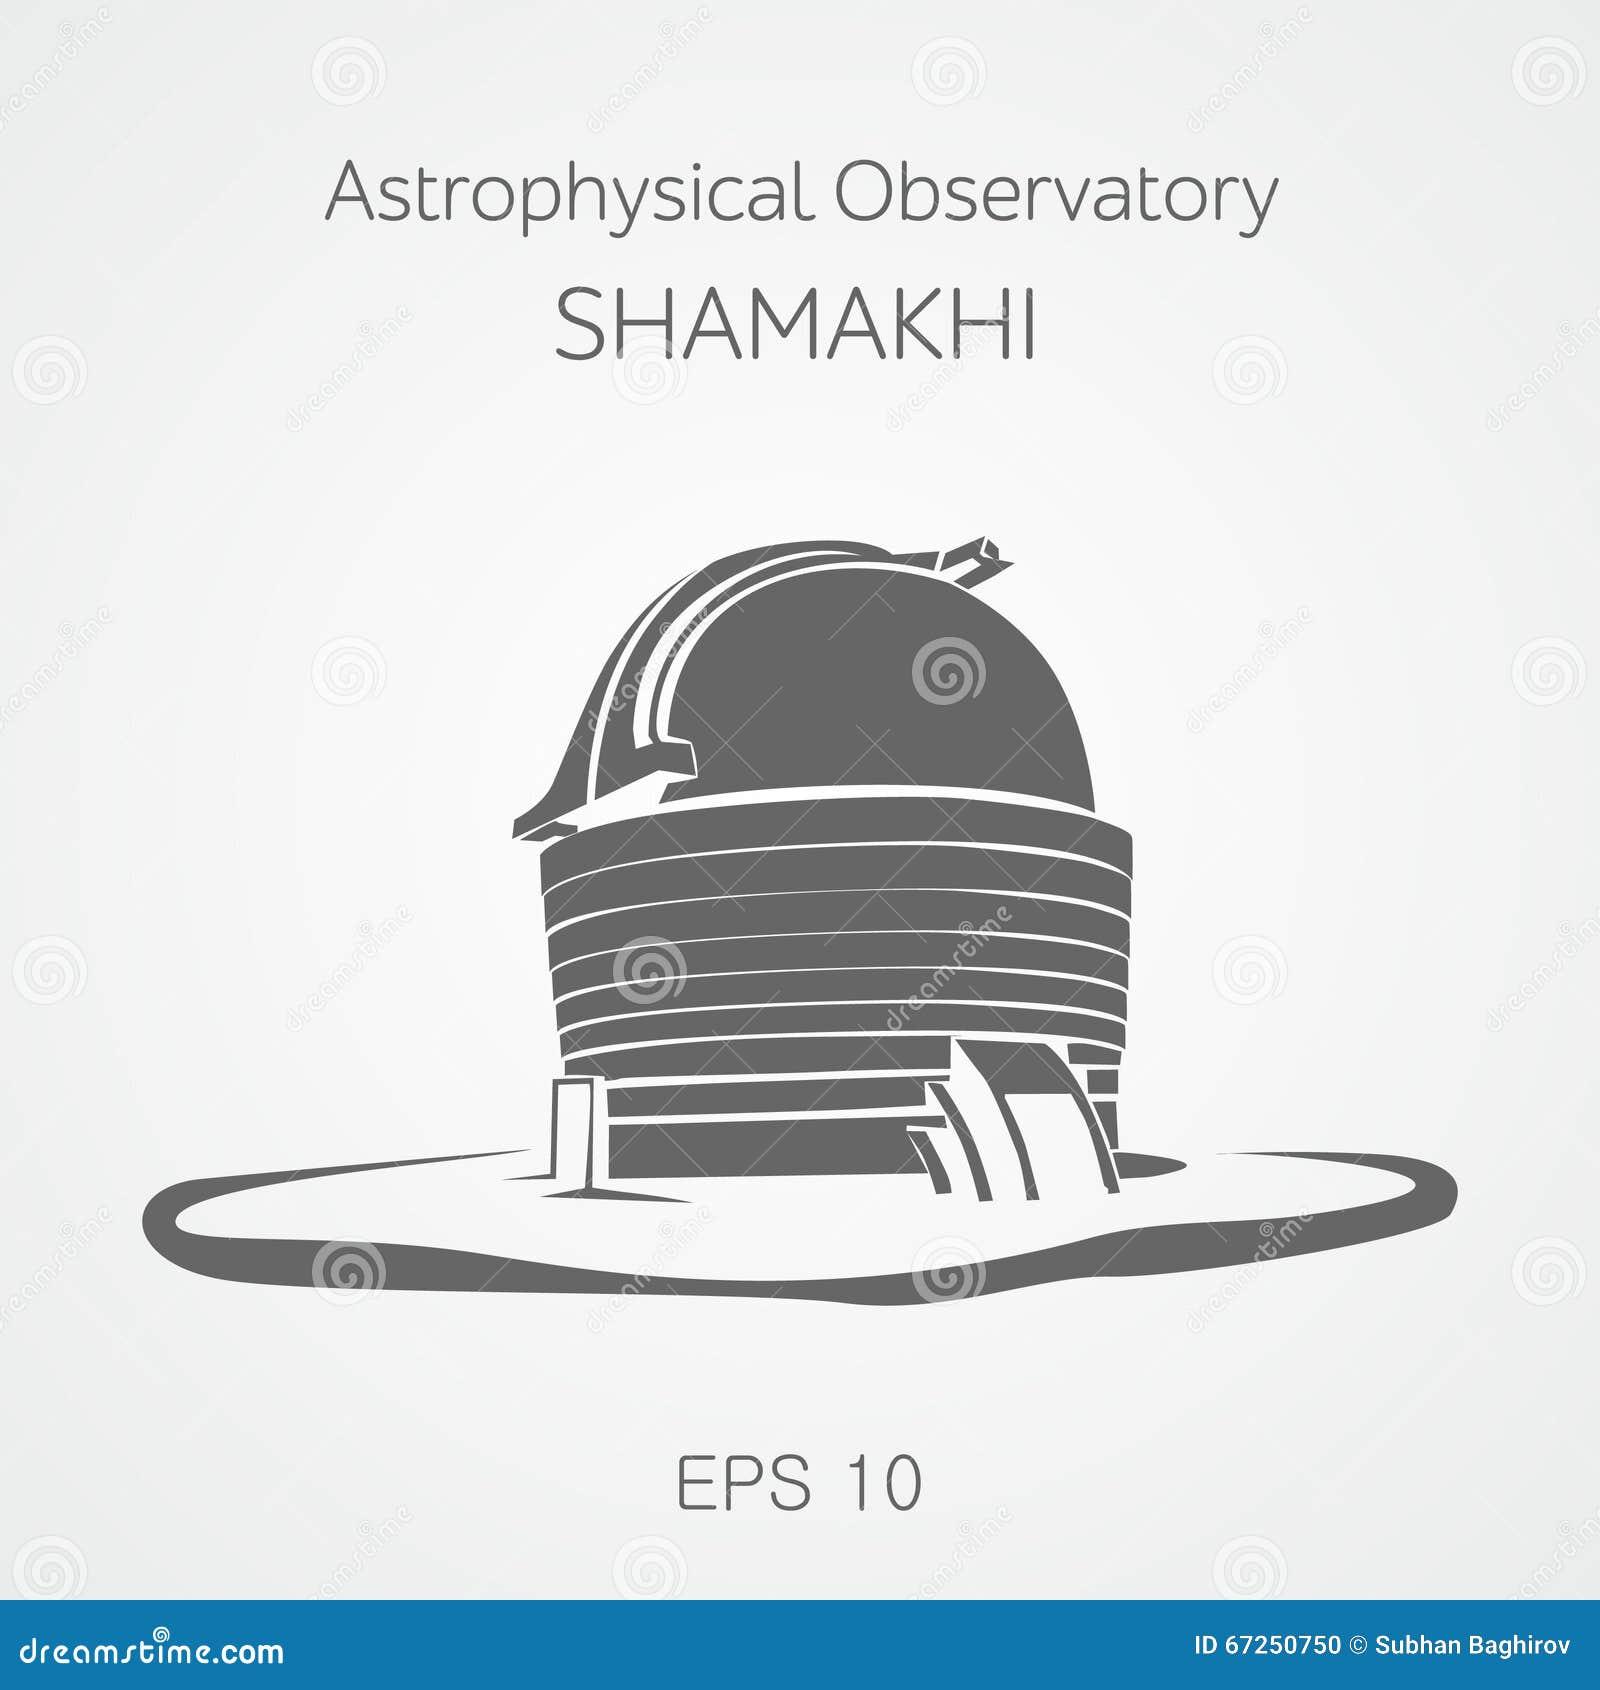 Astrophysical observatorium Shamakhi